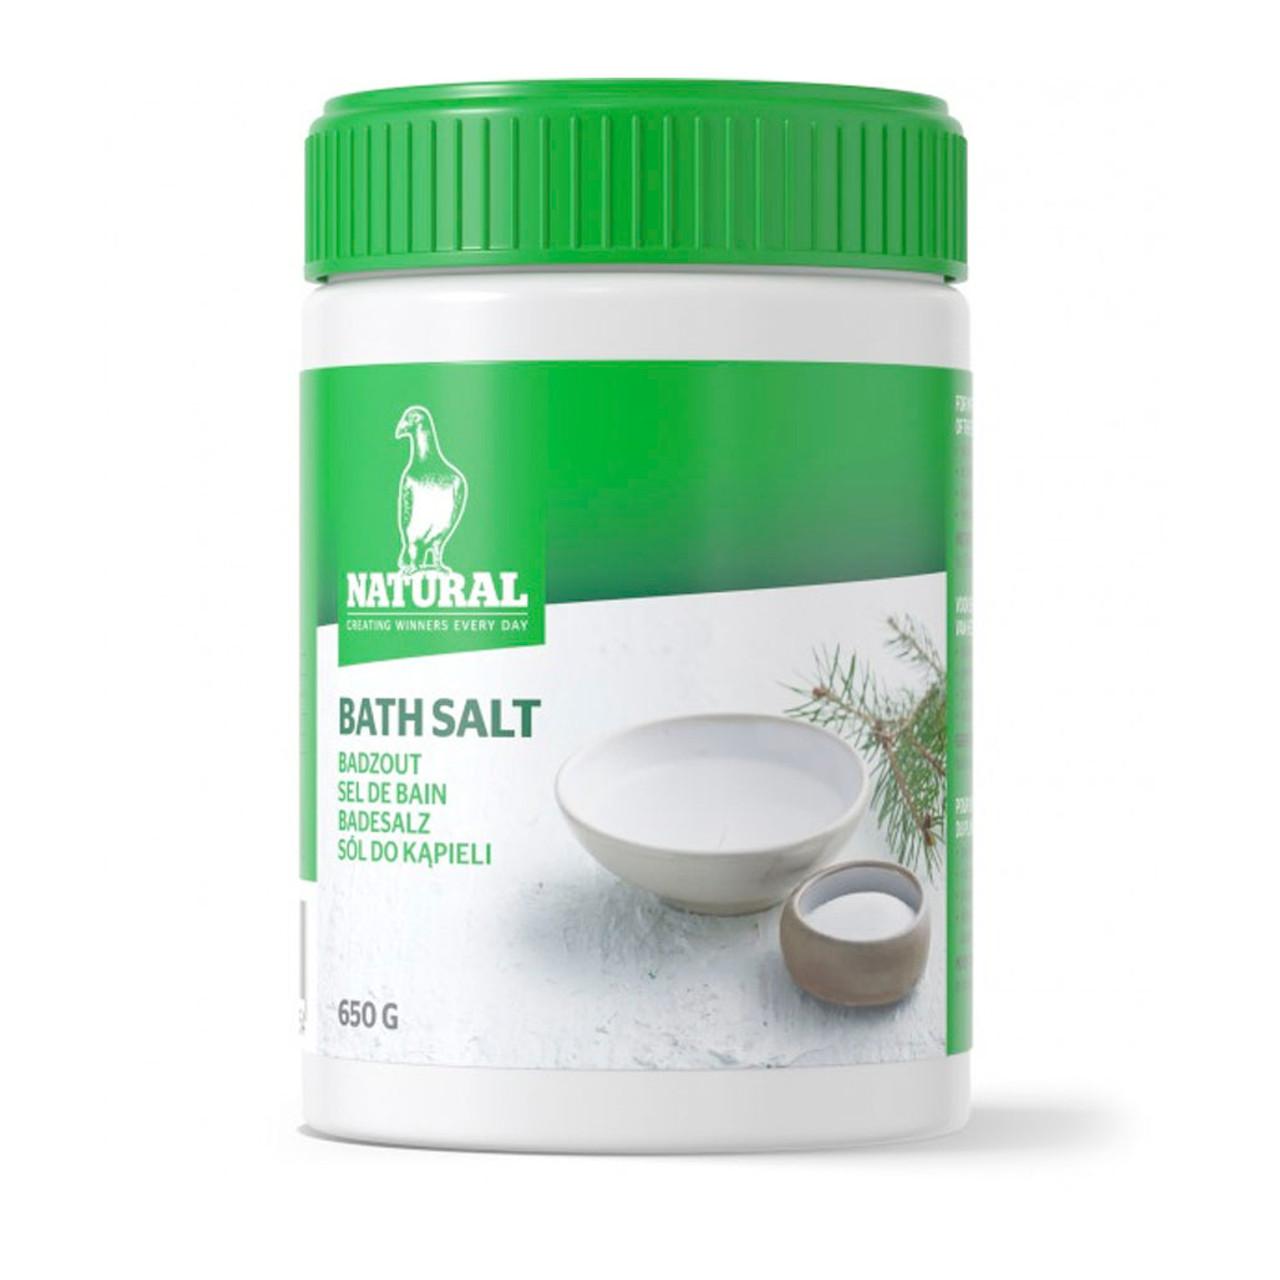 Natural Bath Salt - 1.5 lbs.